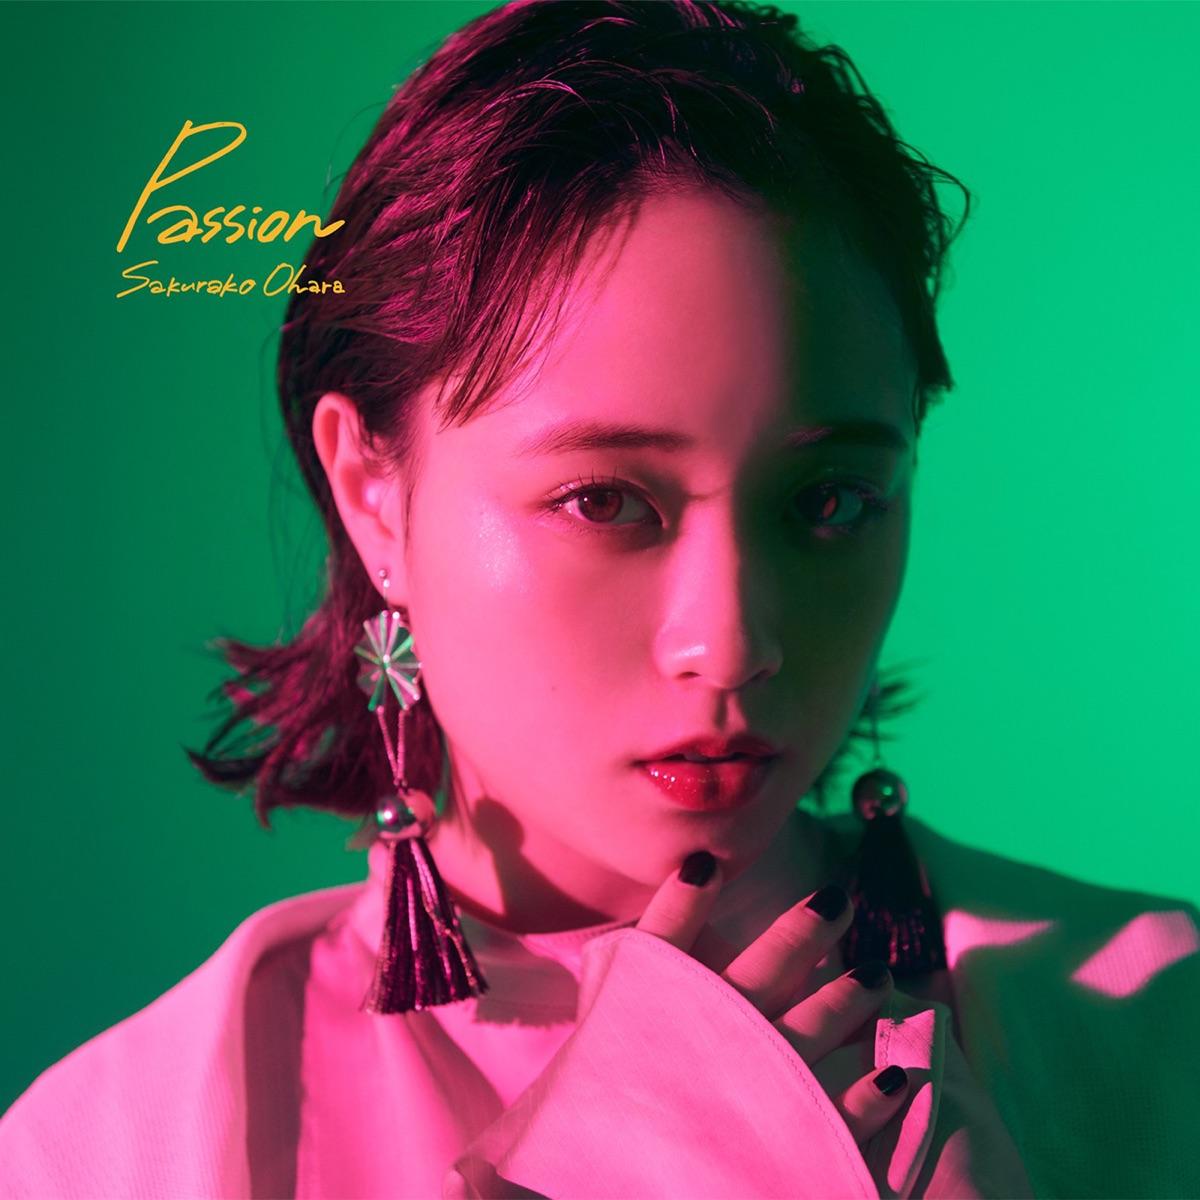 『大原櫻子 - Special Lovers』収録の『Passion』ジャケット